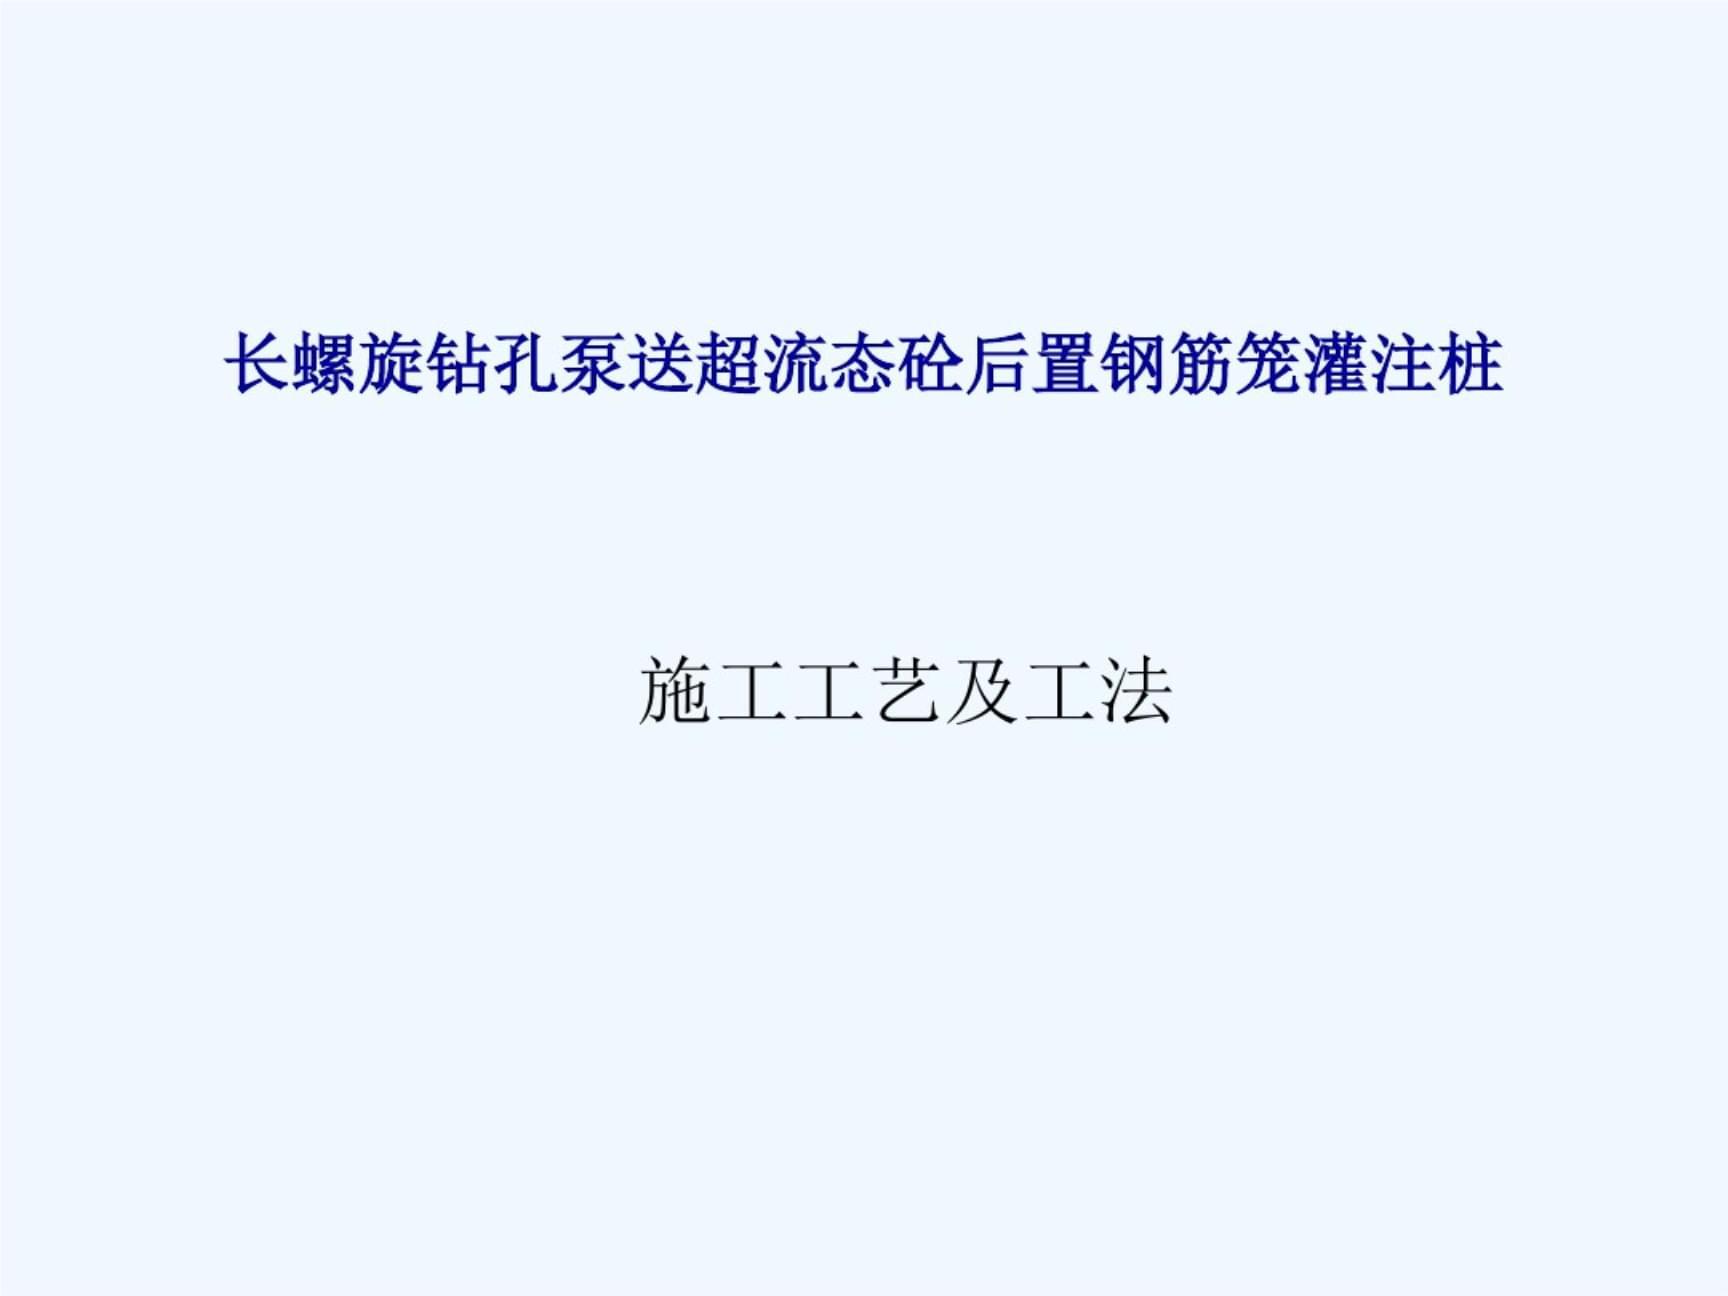 长螺旋钻孔灌注桩施工工艺及工法1.pptx